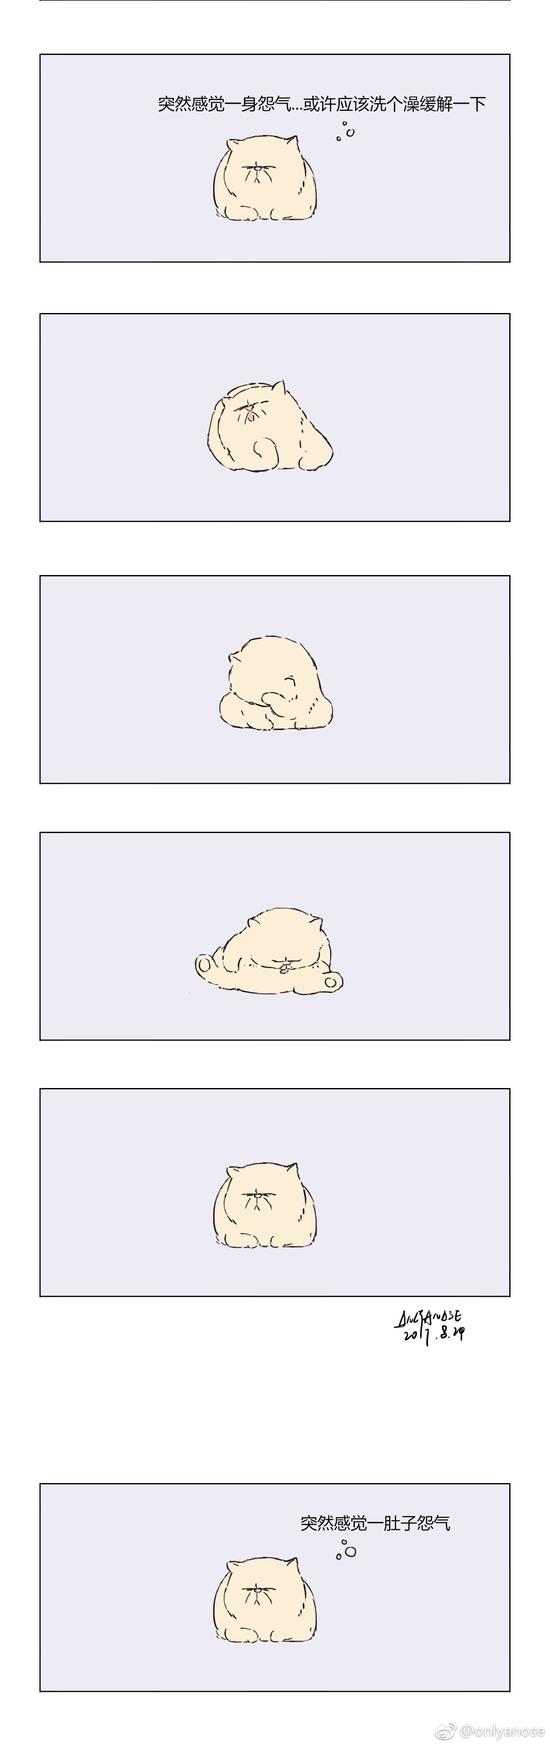 囧哥午间版:啥好看的皮囊有趣的躯壳 你就是熬夜的猪精图片